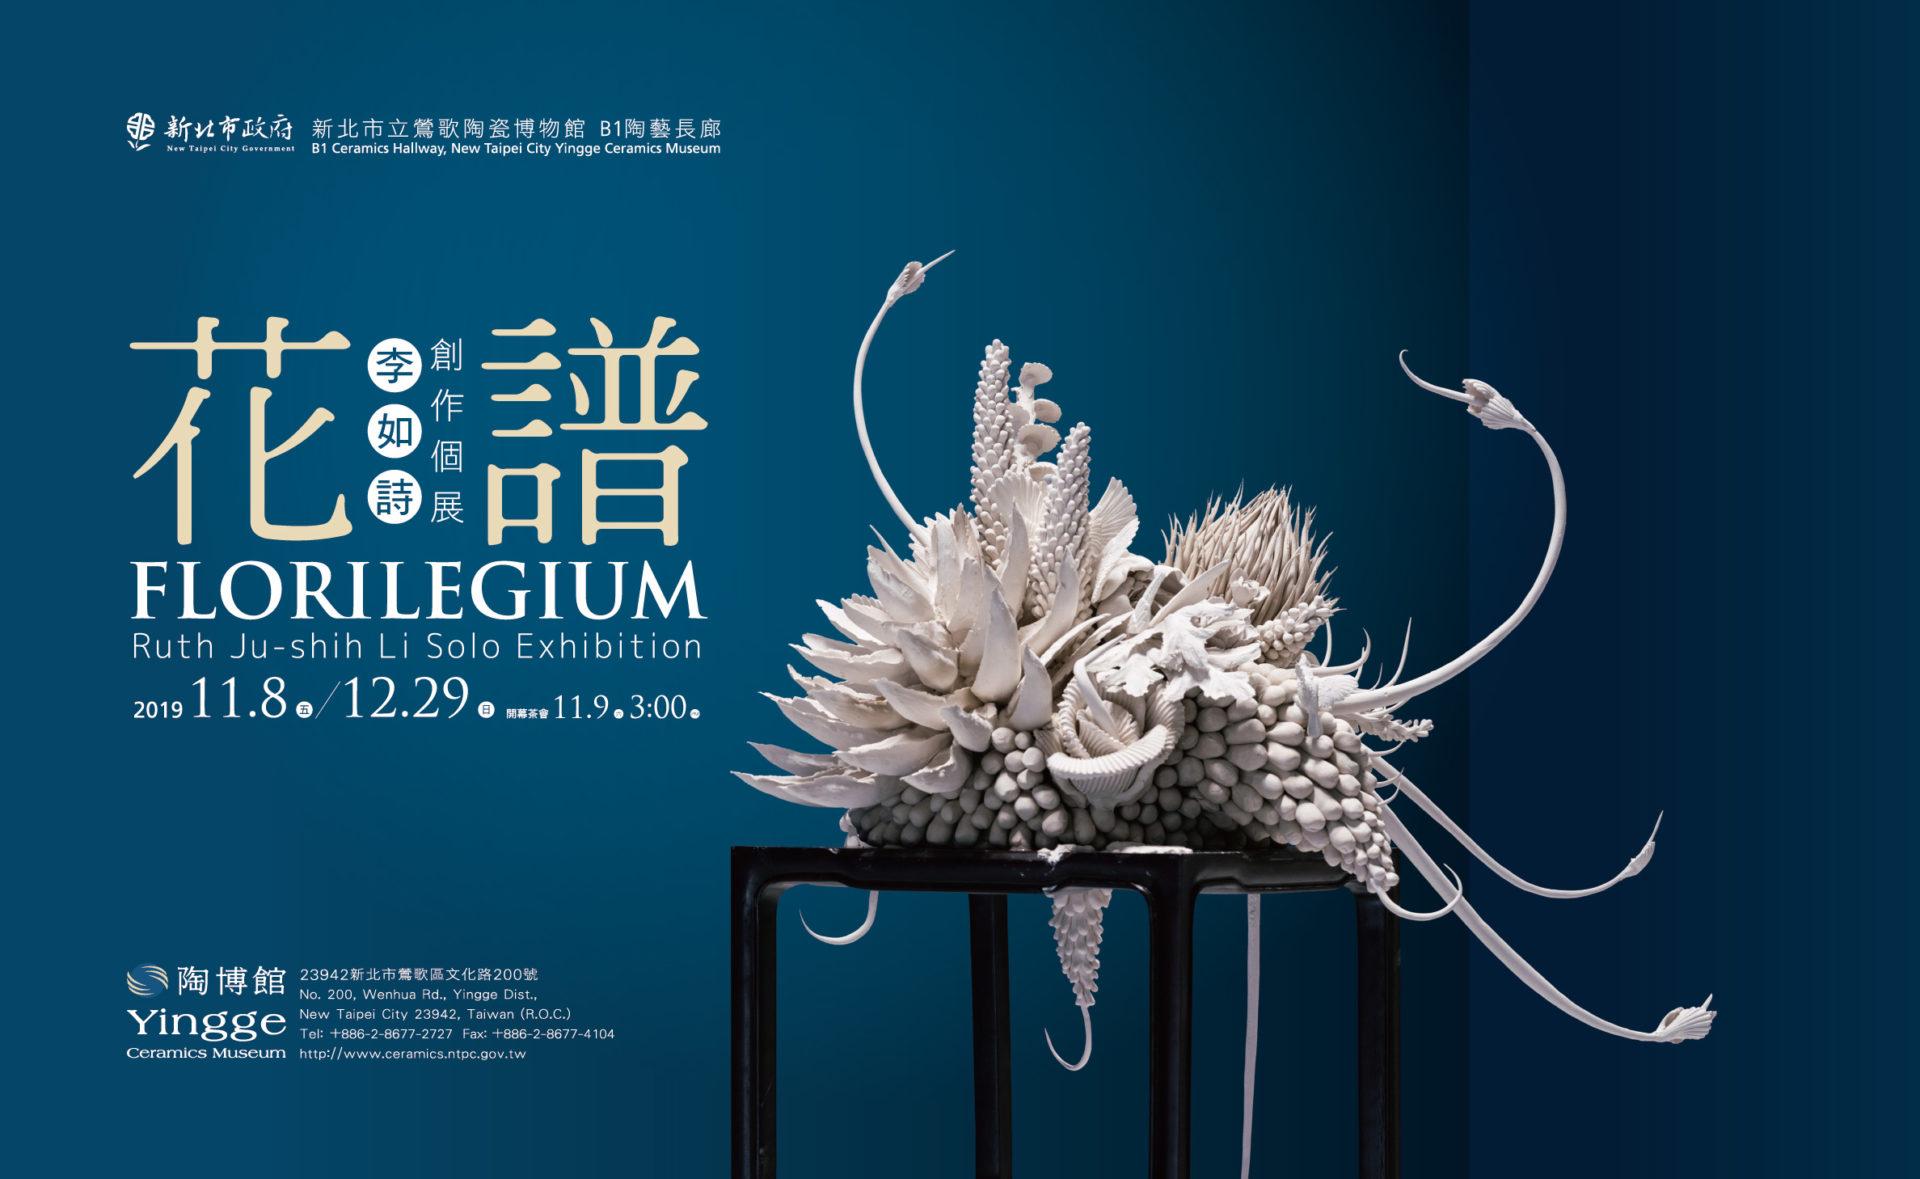 新北市立鶯歌陶瓷博物館:2019/11/08-2019/12/29【花譜FLORILEGIUM—李如詩創作個展】